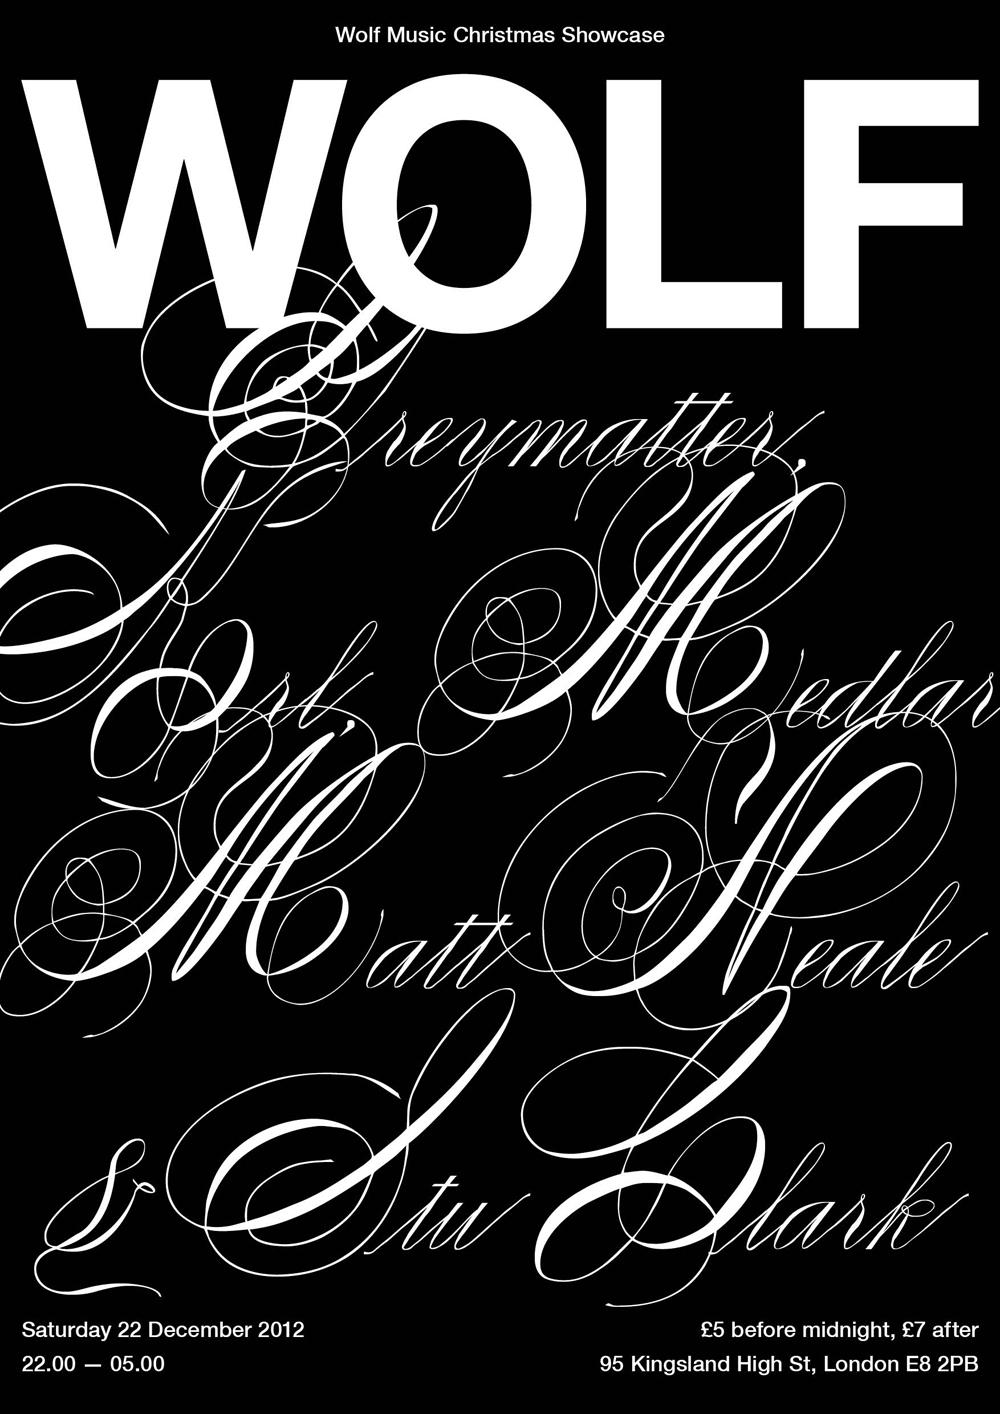 WOLF XMAS SHOWCASE. 22.12.12